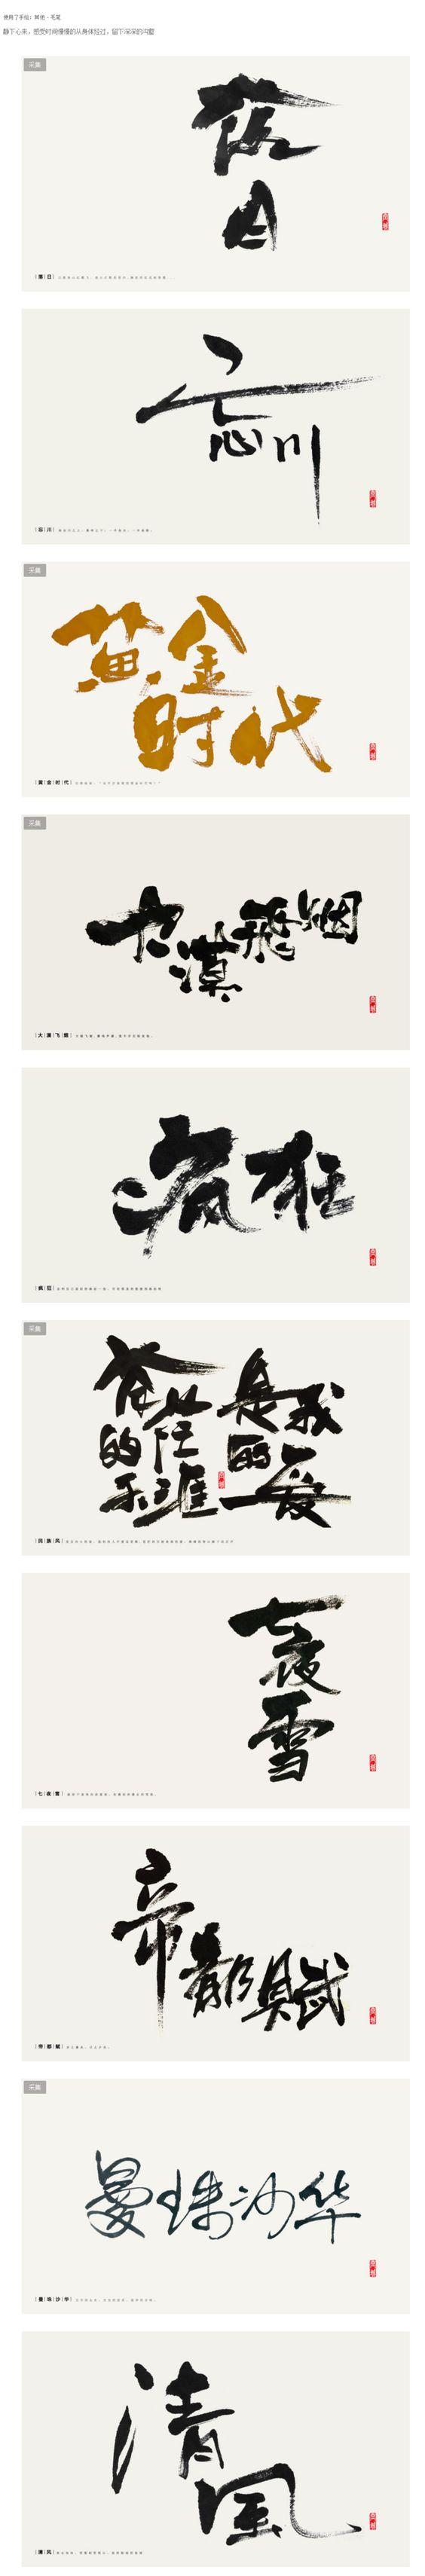 疯狂着 、细腻着 字体 字 leungsan采集到字体设计 图 花瓣平面设计 logo